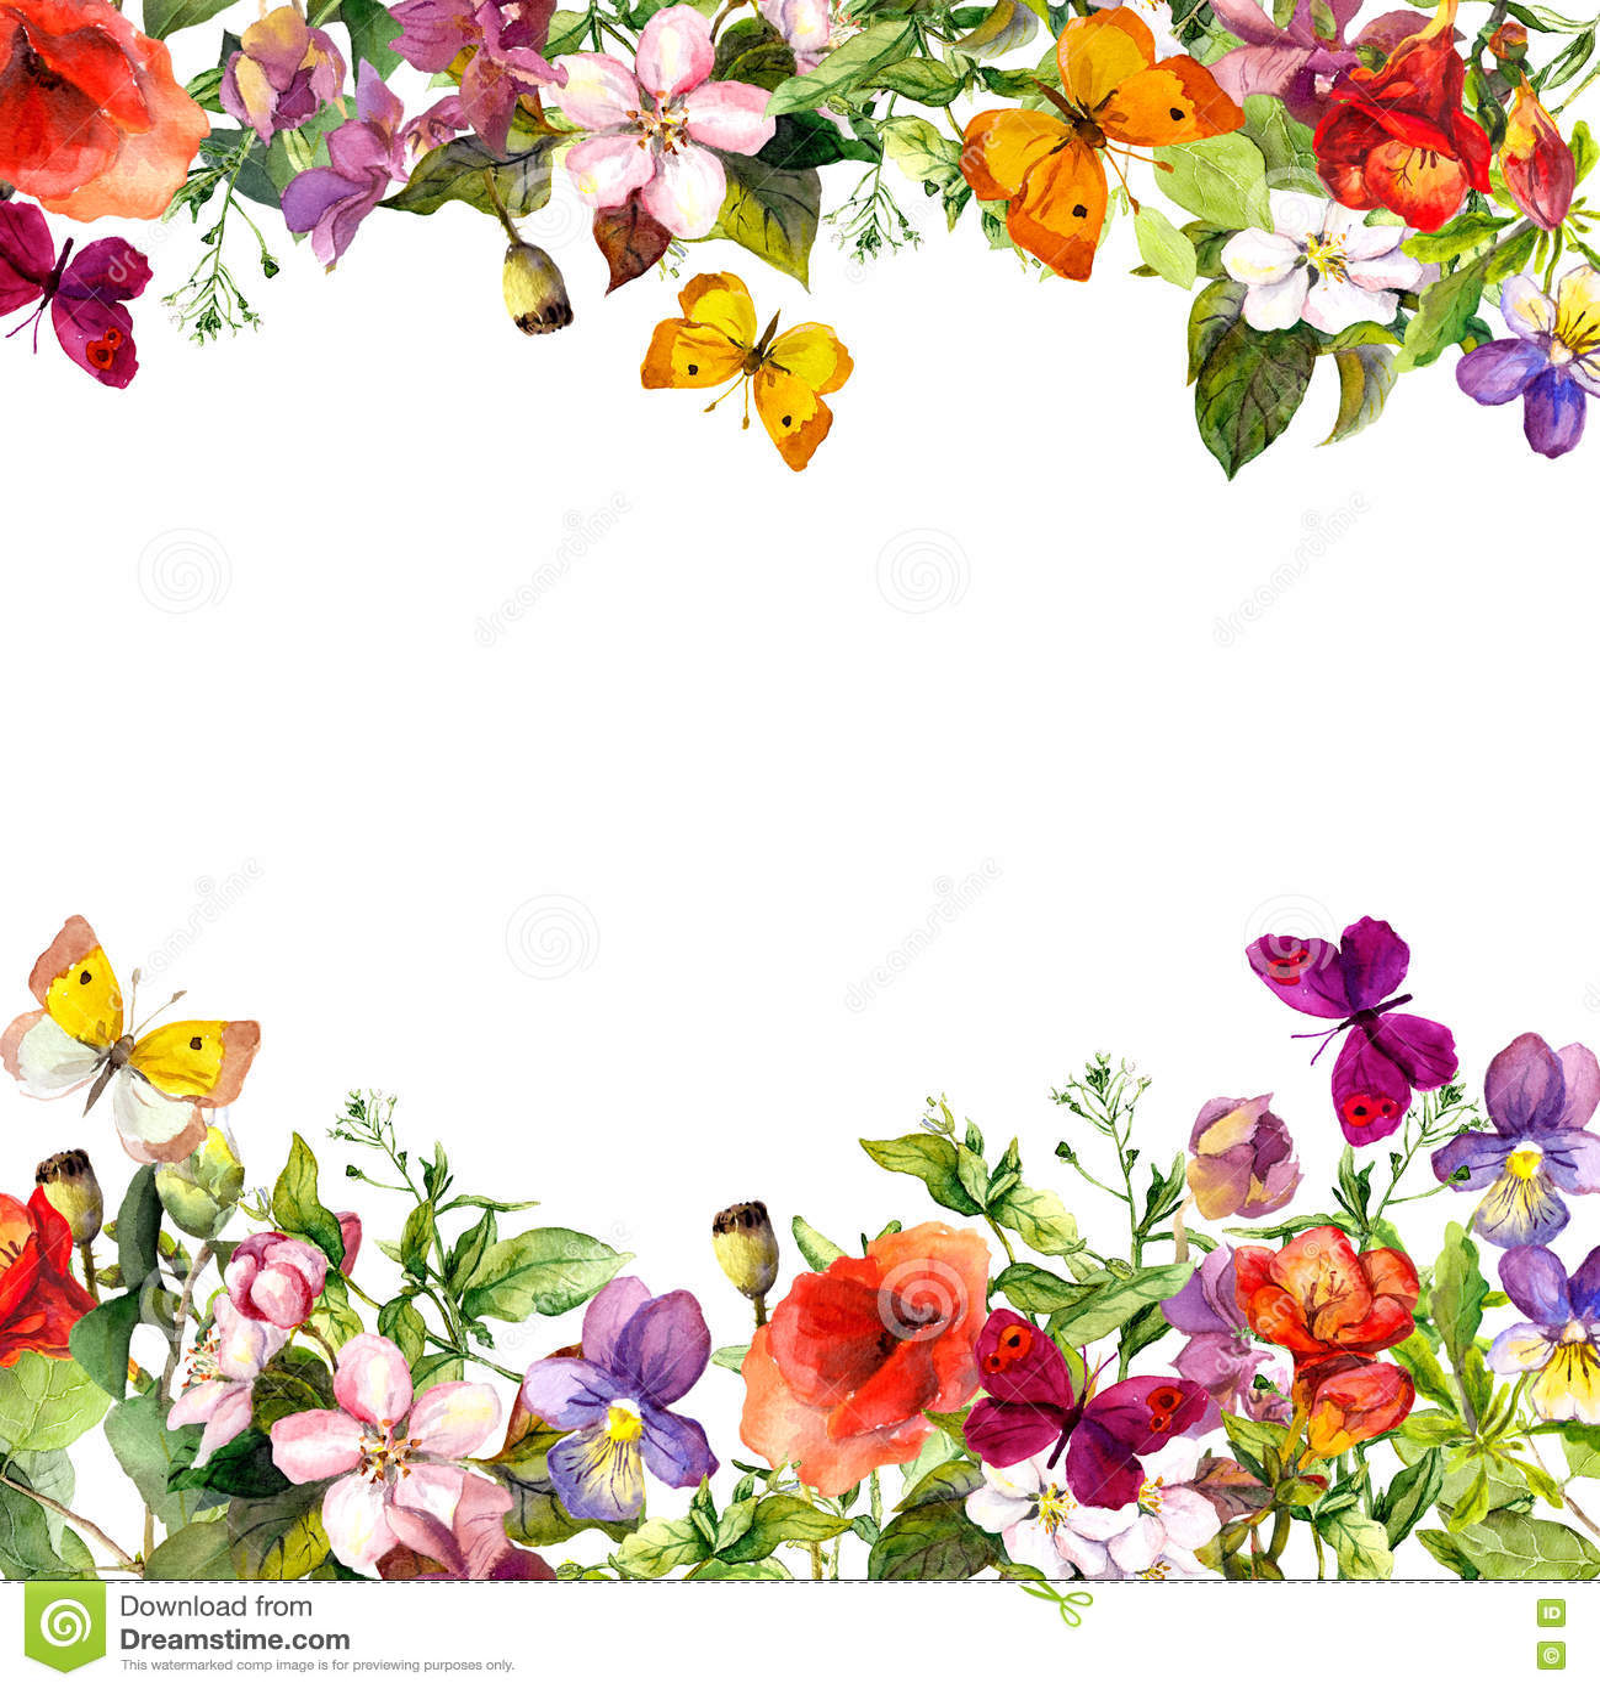 Άνοιξη, θερινός κήπος: λουλούδια, χλόη, χορτάρια, πεταλούδες floral πρότυπο καρδιών λουλουδιών απελευθέρωσης πεταλούδων κίτρινο w